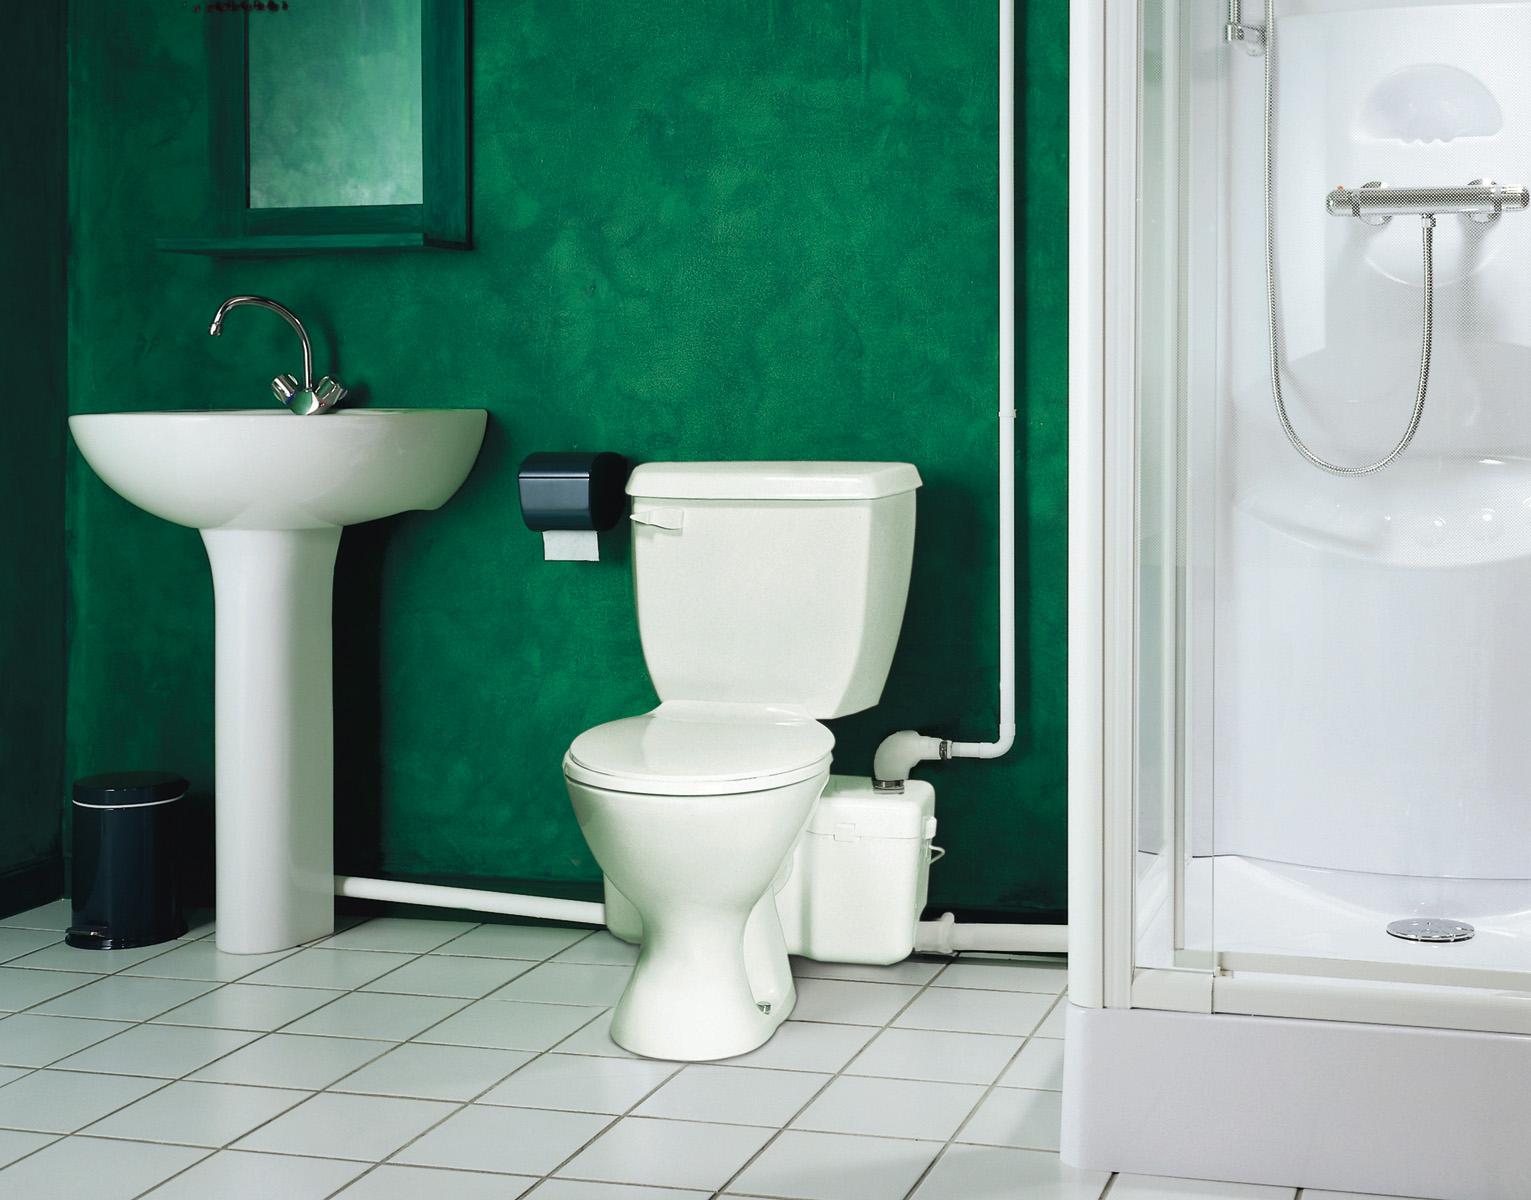 Extra Large Toilet Bowl